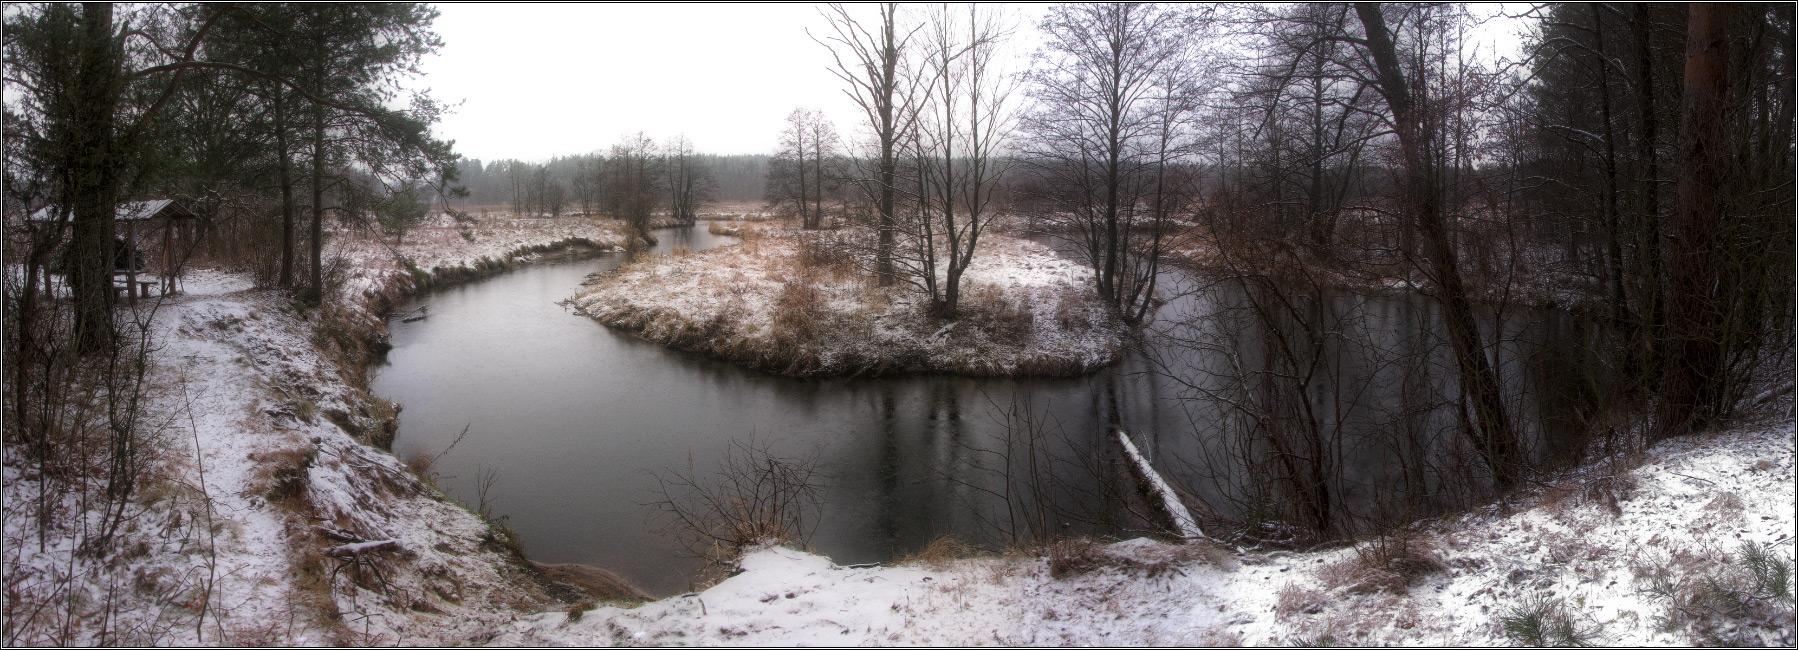 http://i3.imageban.ru/out/2012/01/02/91cec7261526b36ee93232b98f5c1a00.jpg